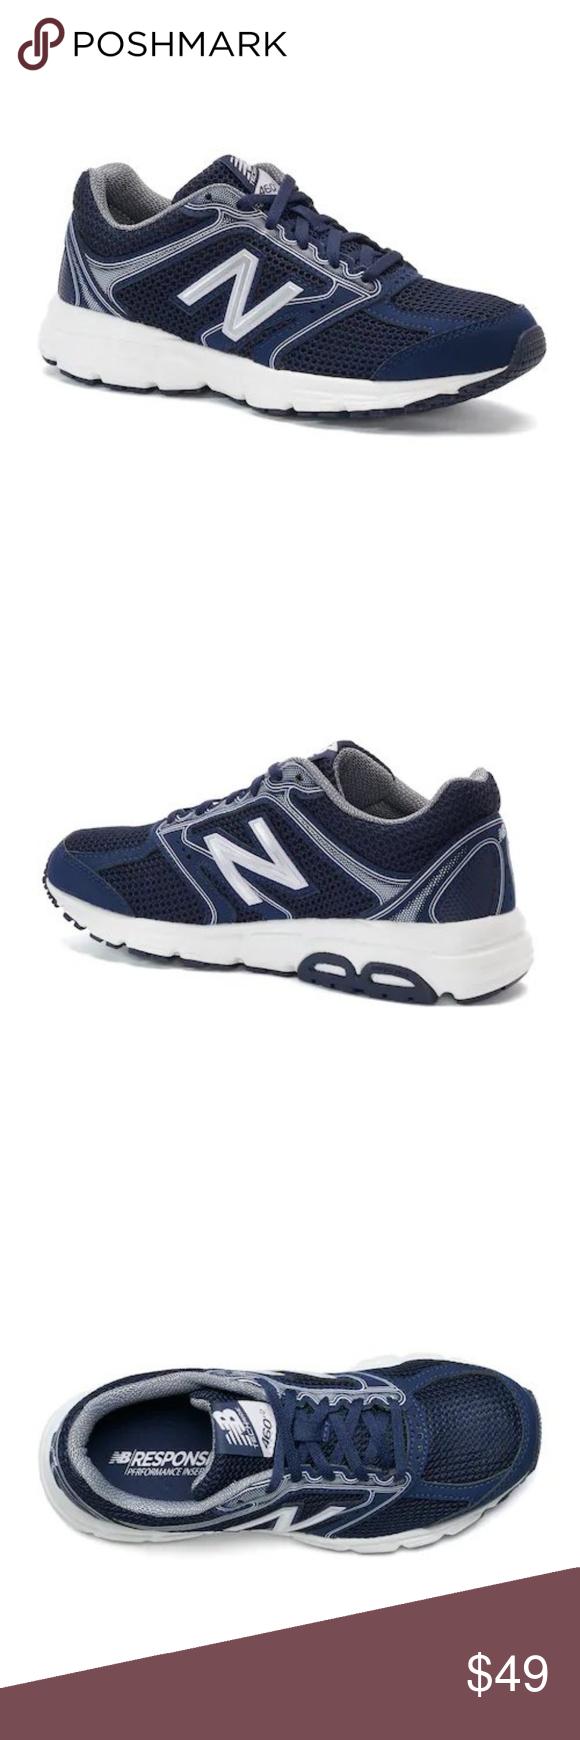 NEW Women's New Balance 420v2 Running